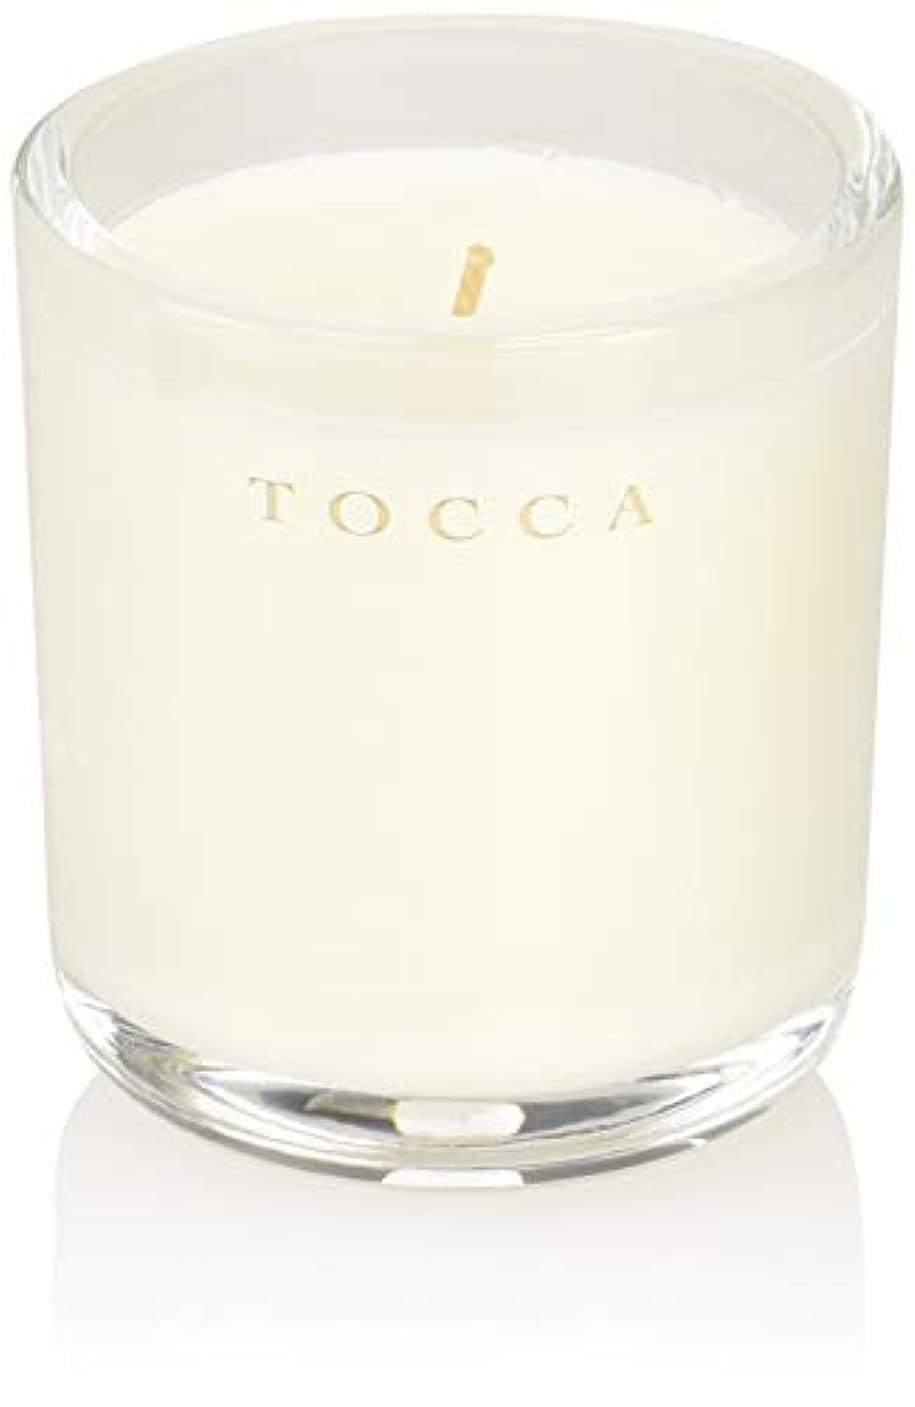 かかわらずわざわざ絶縁するTOCCA(トッカ) ボヤージュ キャンデリーナ ボラボラ 85g (ろうそく 芳香 バニラとジャスミンの甘く柔らかな香り)